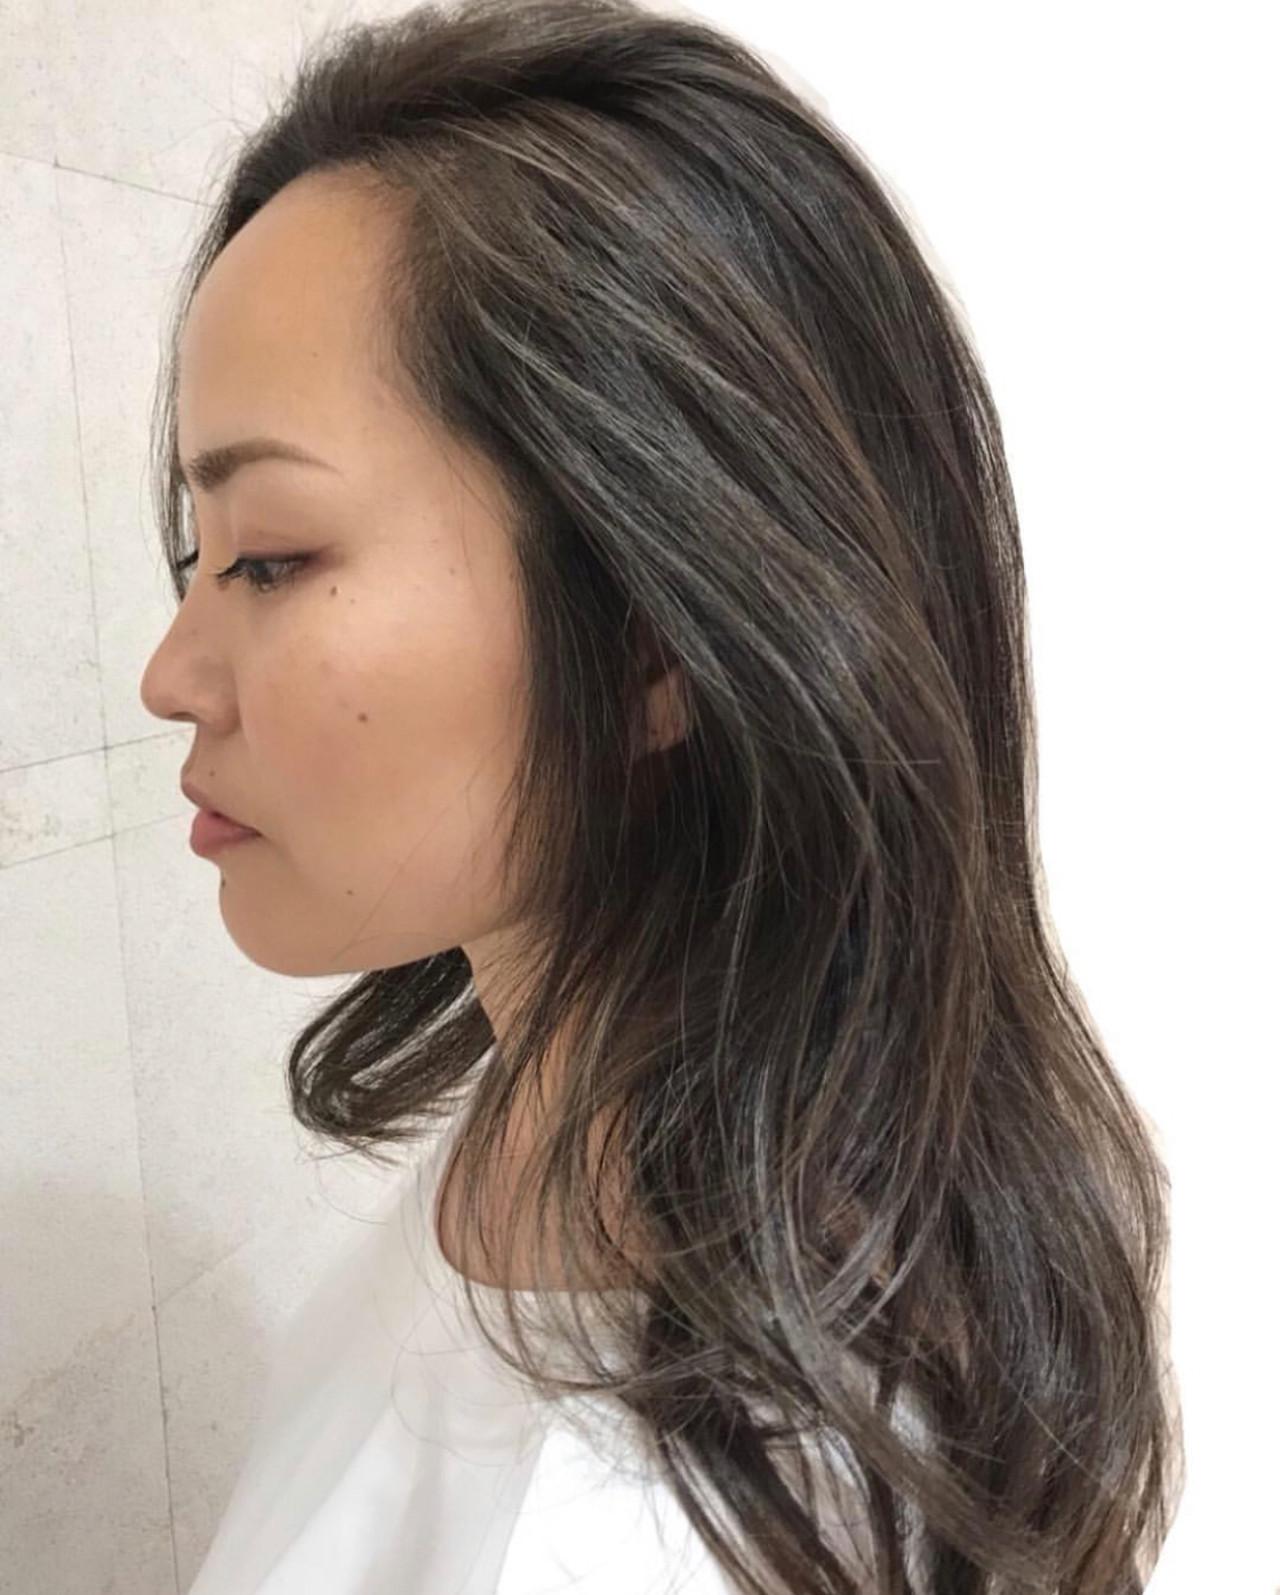 セミロング ナチュラル コントラストハイライト ハイライト ヘアスタイルや髪型の写真・画像 | 坂口 南 / kakimoto arms二子玉川